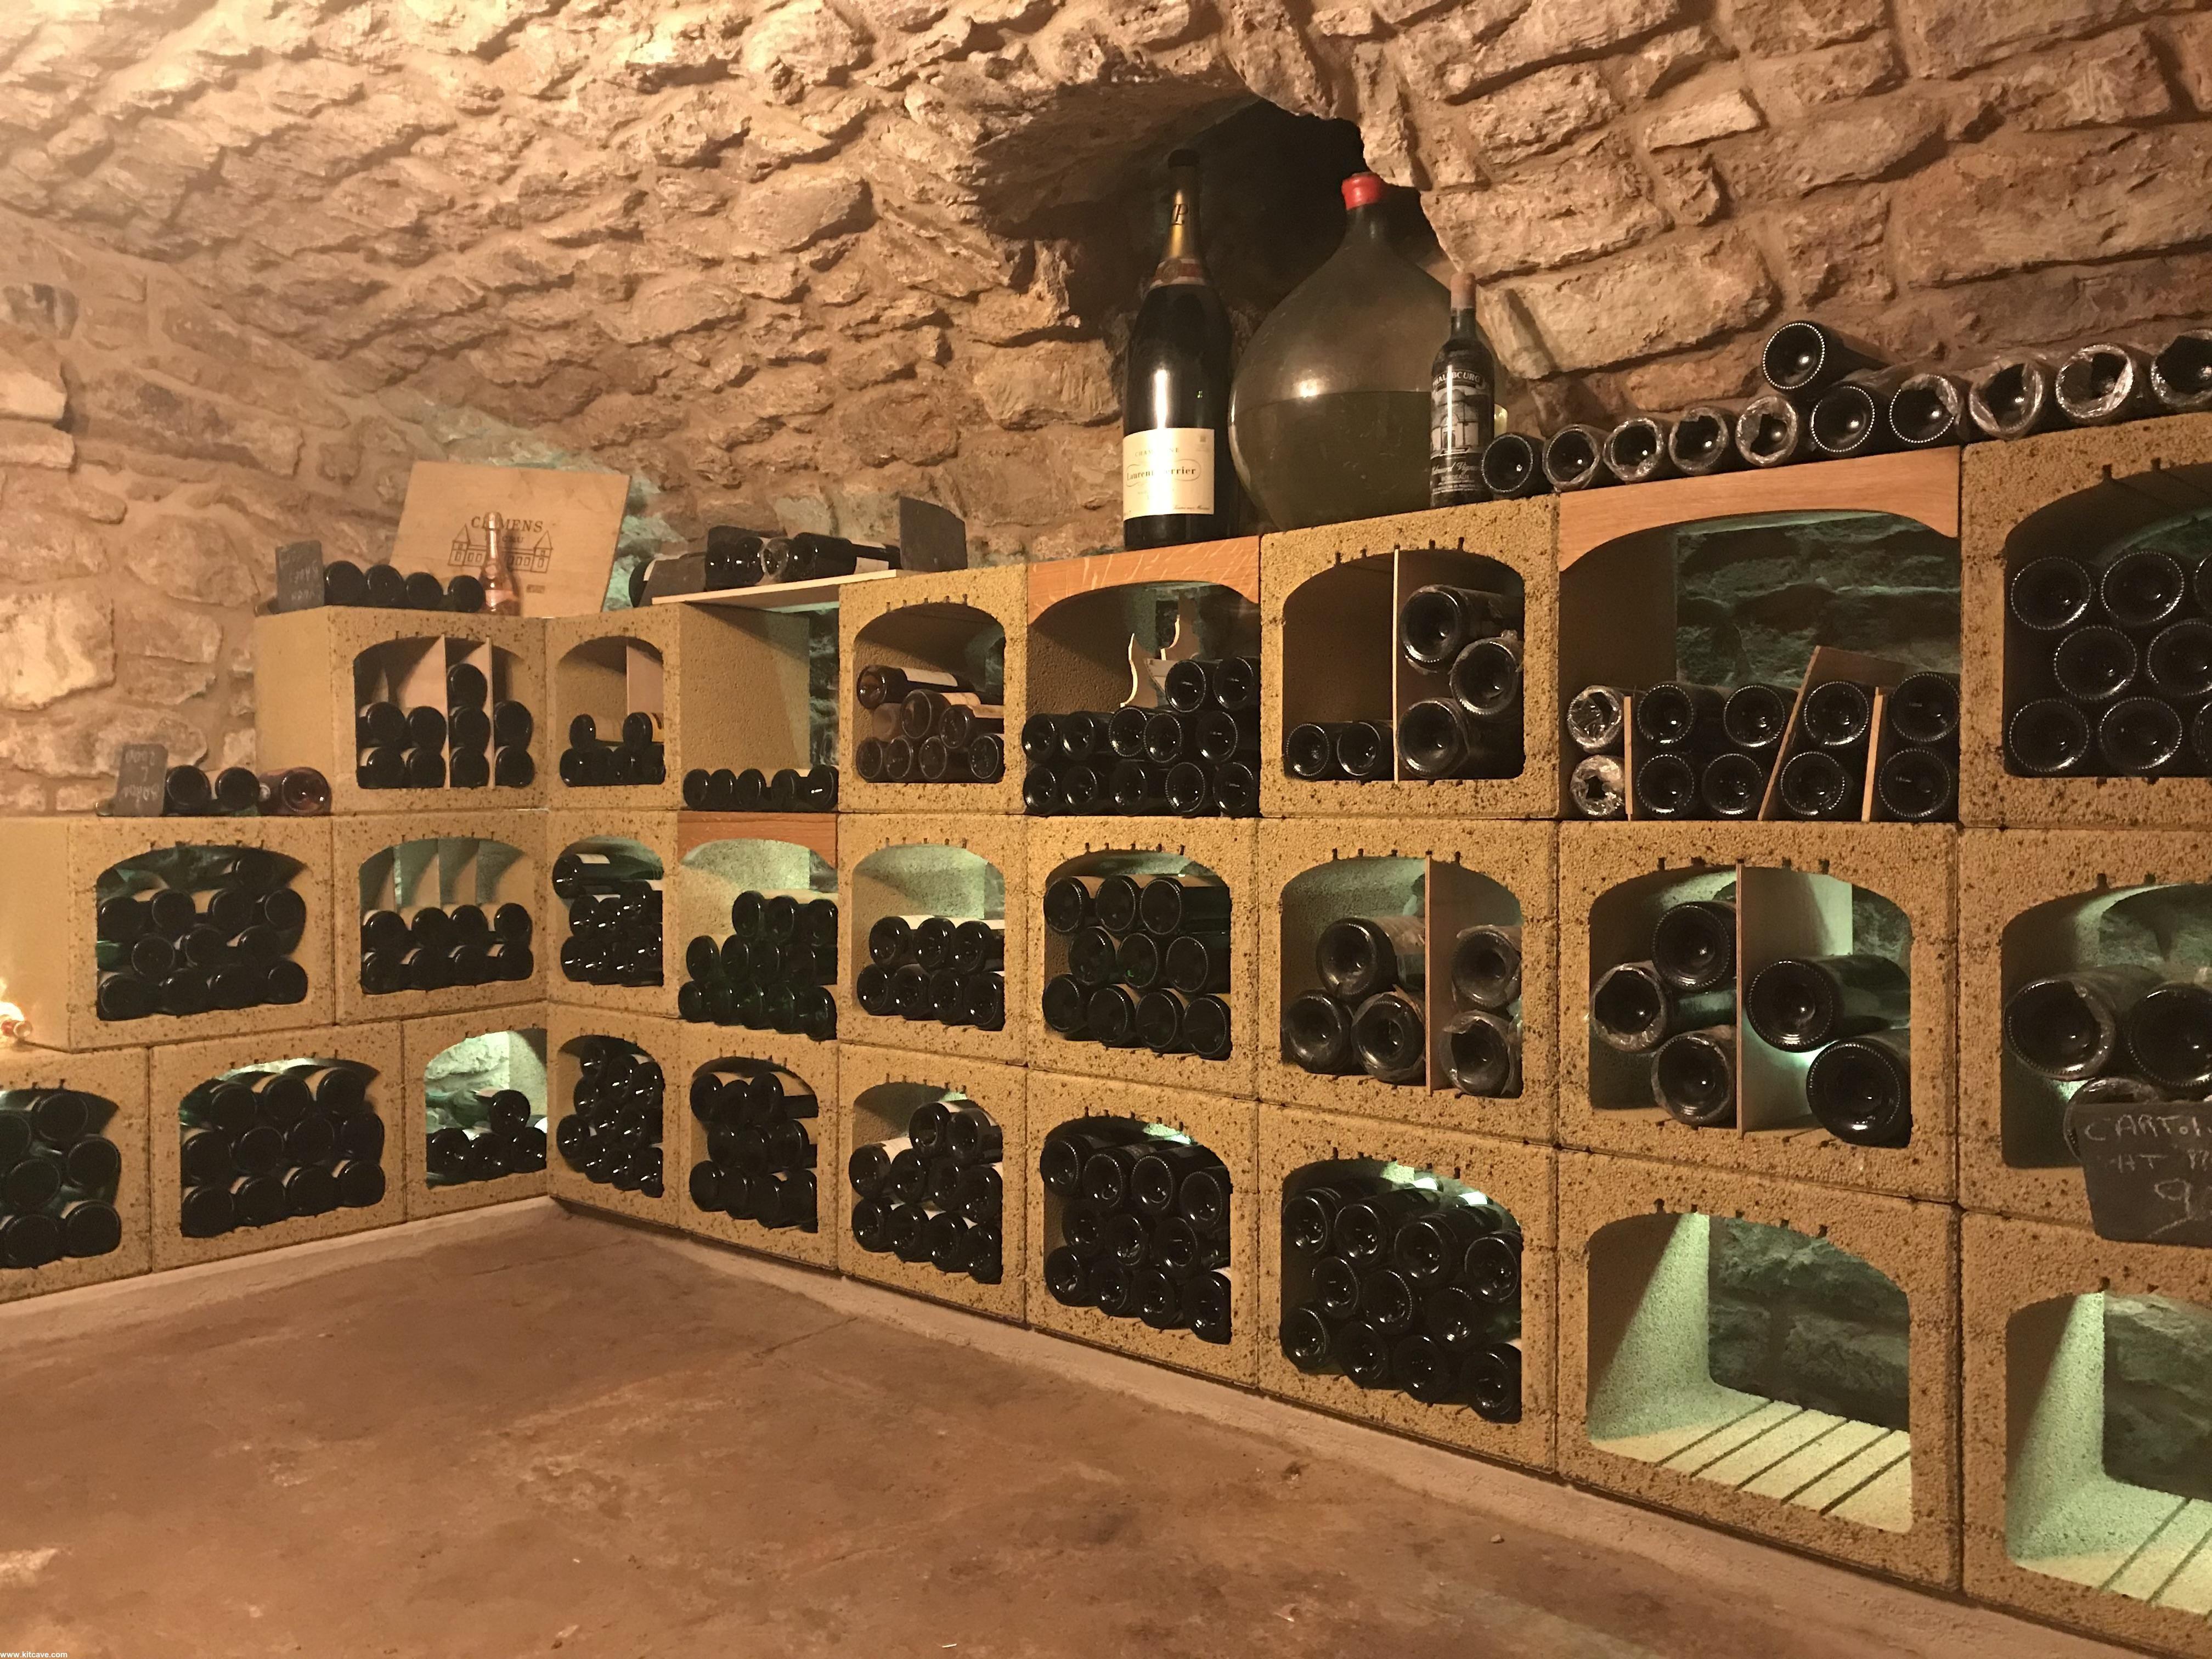 Jolie Cave A Vin Voutee En Pierre Equipee De Casiers A Vin Vinobloc En 2020 Cave A Vin Casier Vin Casier A Bouteille